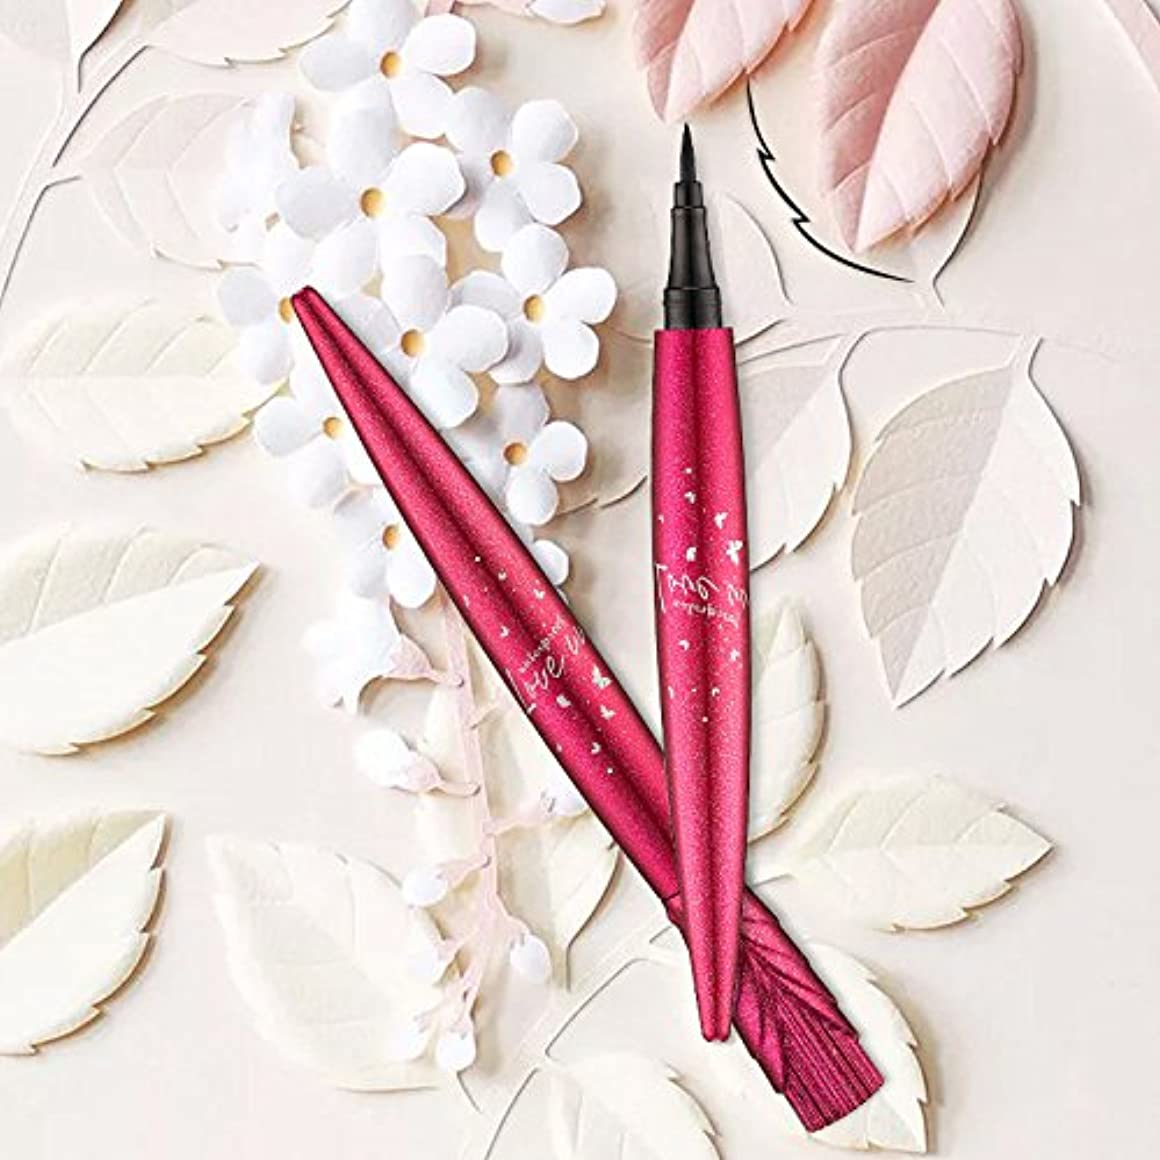 調和のとれたイディオムグローバル美容ブラック防水アイライナーリキッドアイライナーペン鉛筆メイク化粧品新しい